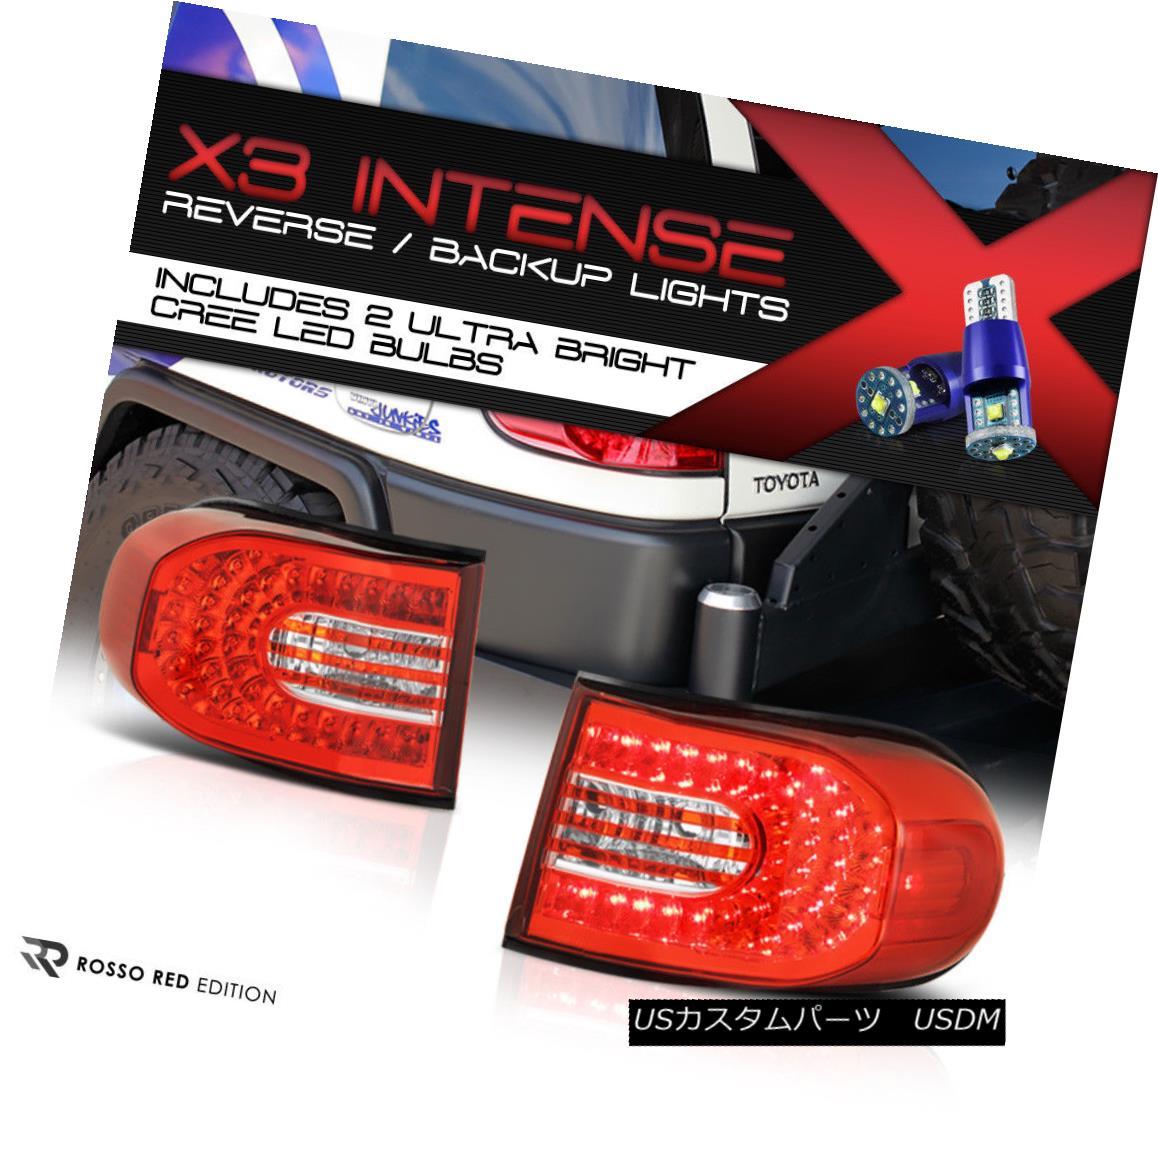 テールライト !HIGH-POWER CREE BACKUP! 2007-2015 Toyota FJ-Cruiser LED Tail Lamps L+R Assembly !ハイパワークリーバックアップ! 2007-2015トヨタFJクルーザーLEDテールランプL + R組立